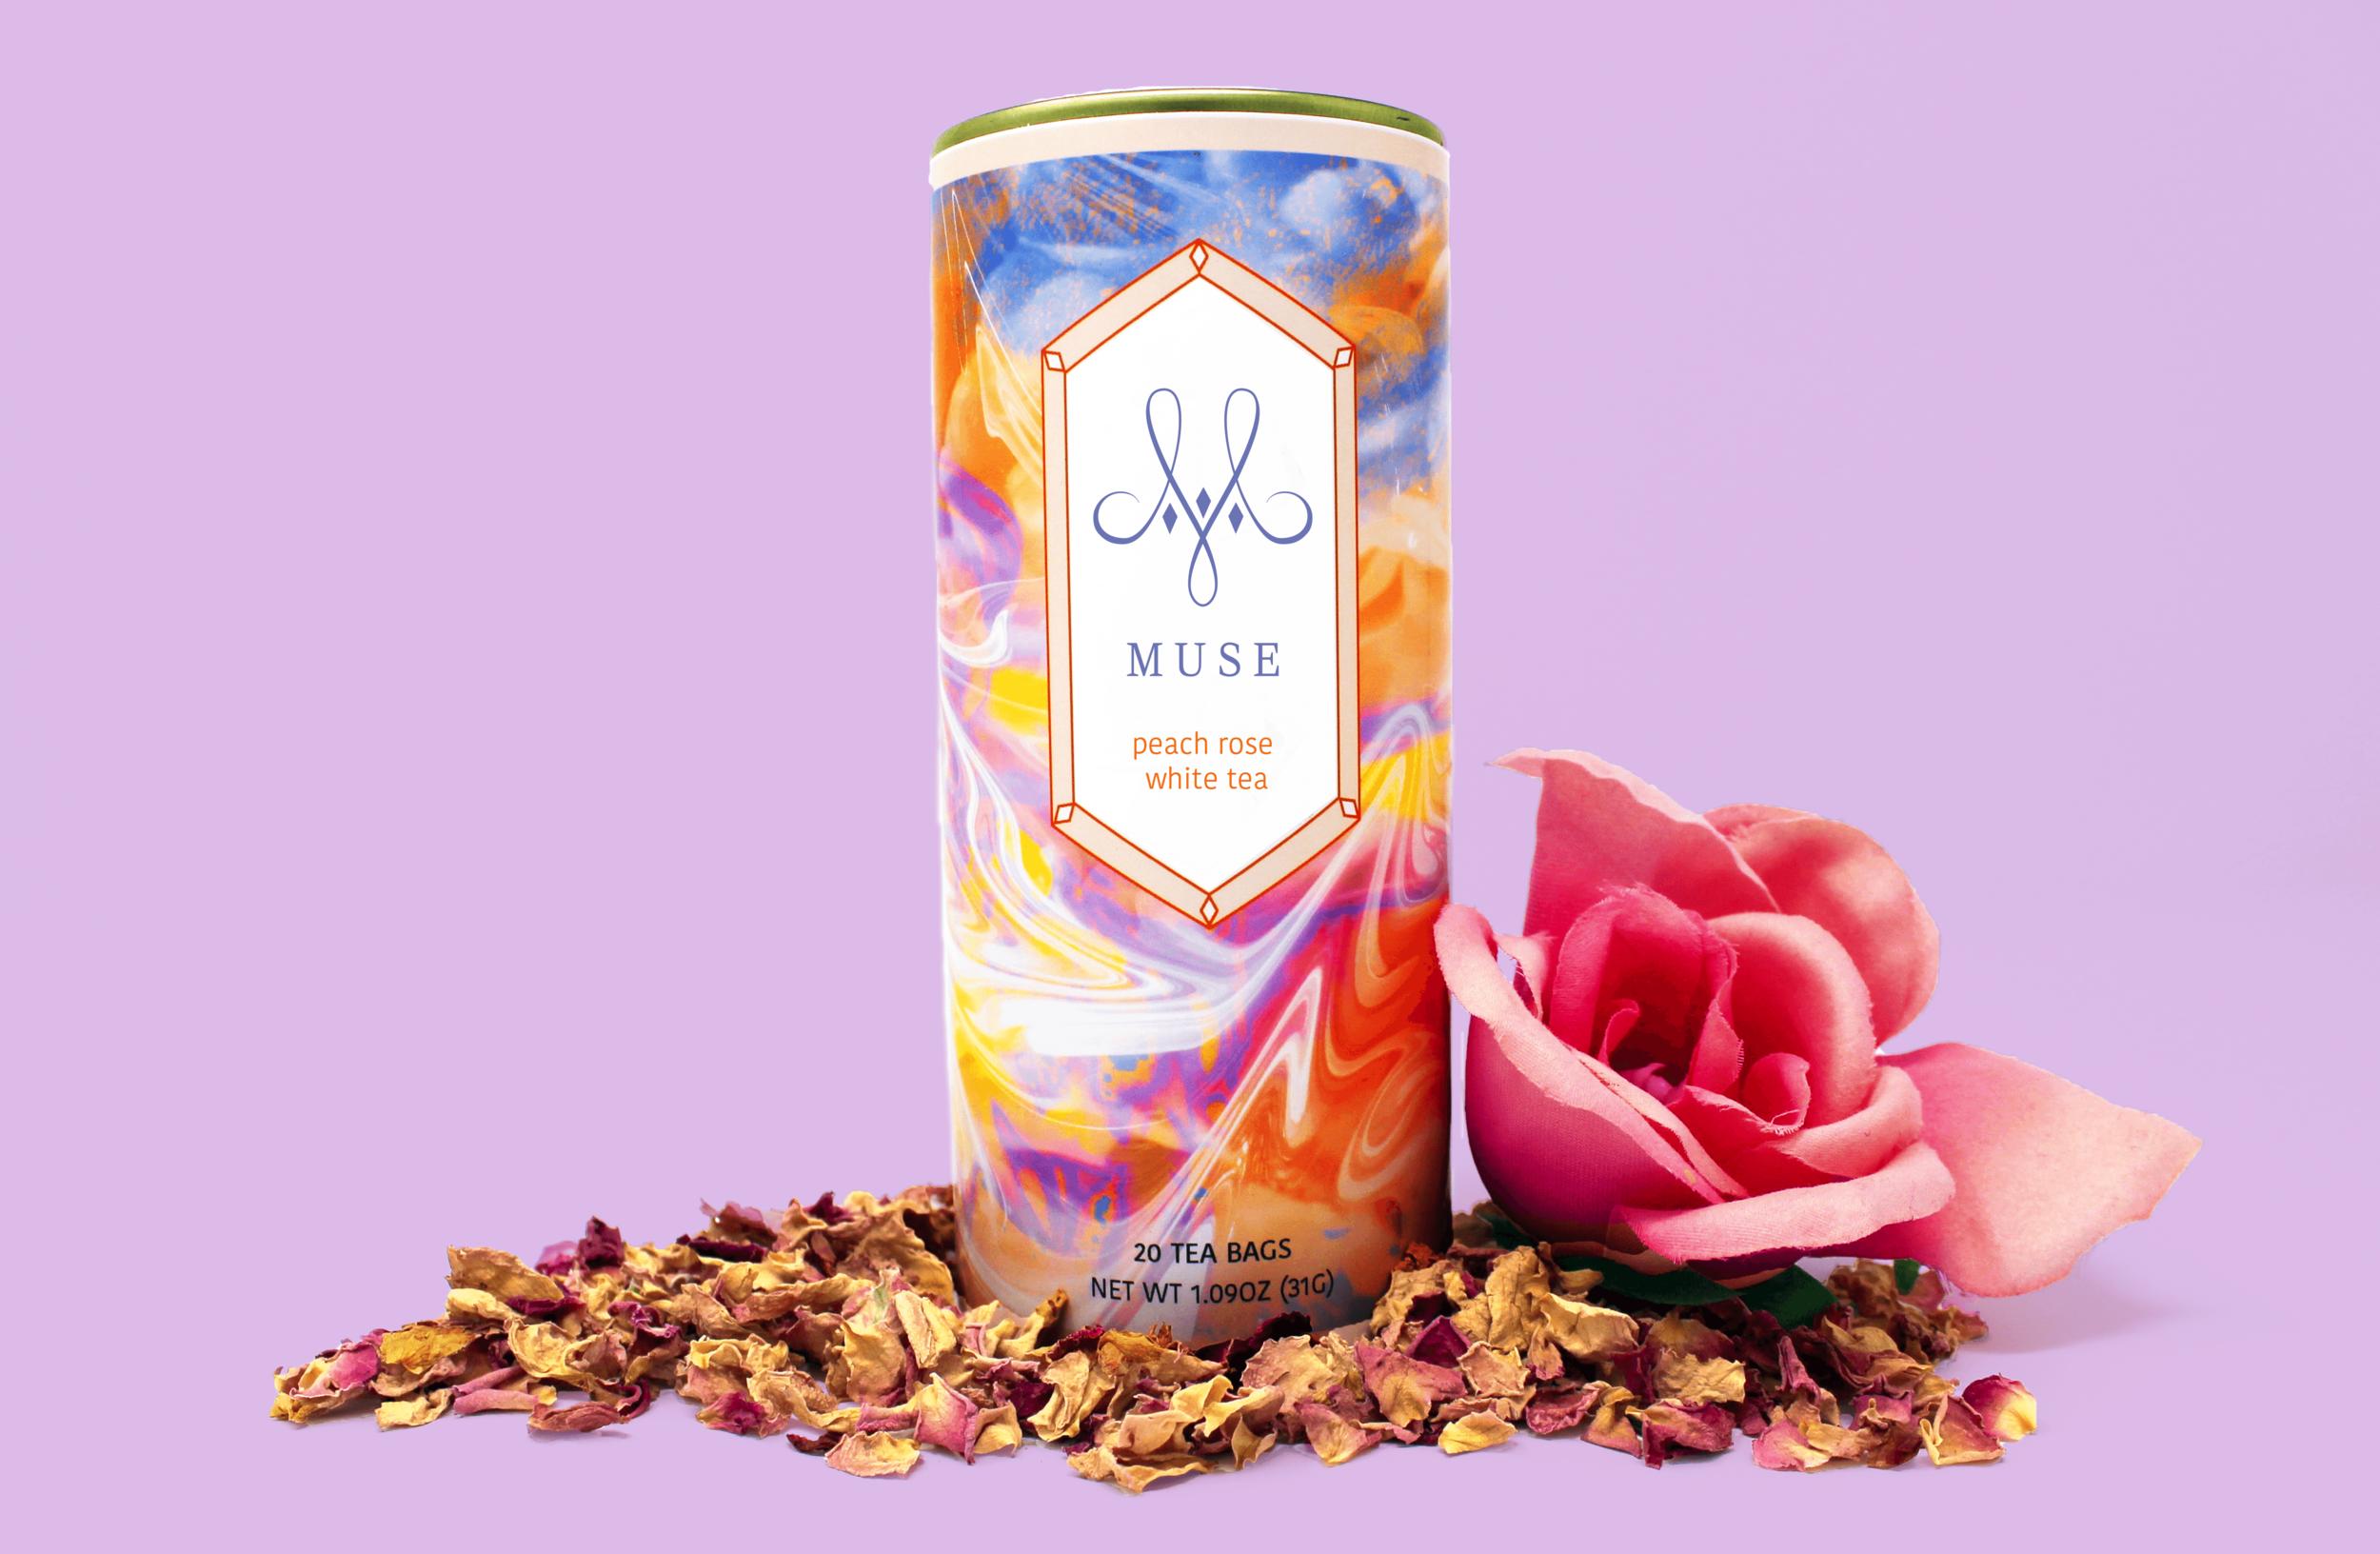 Peach Rose White Tea